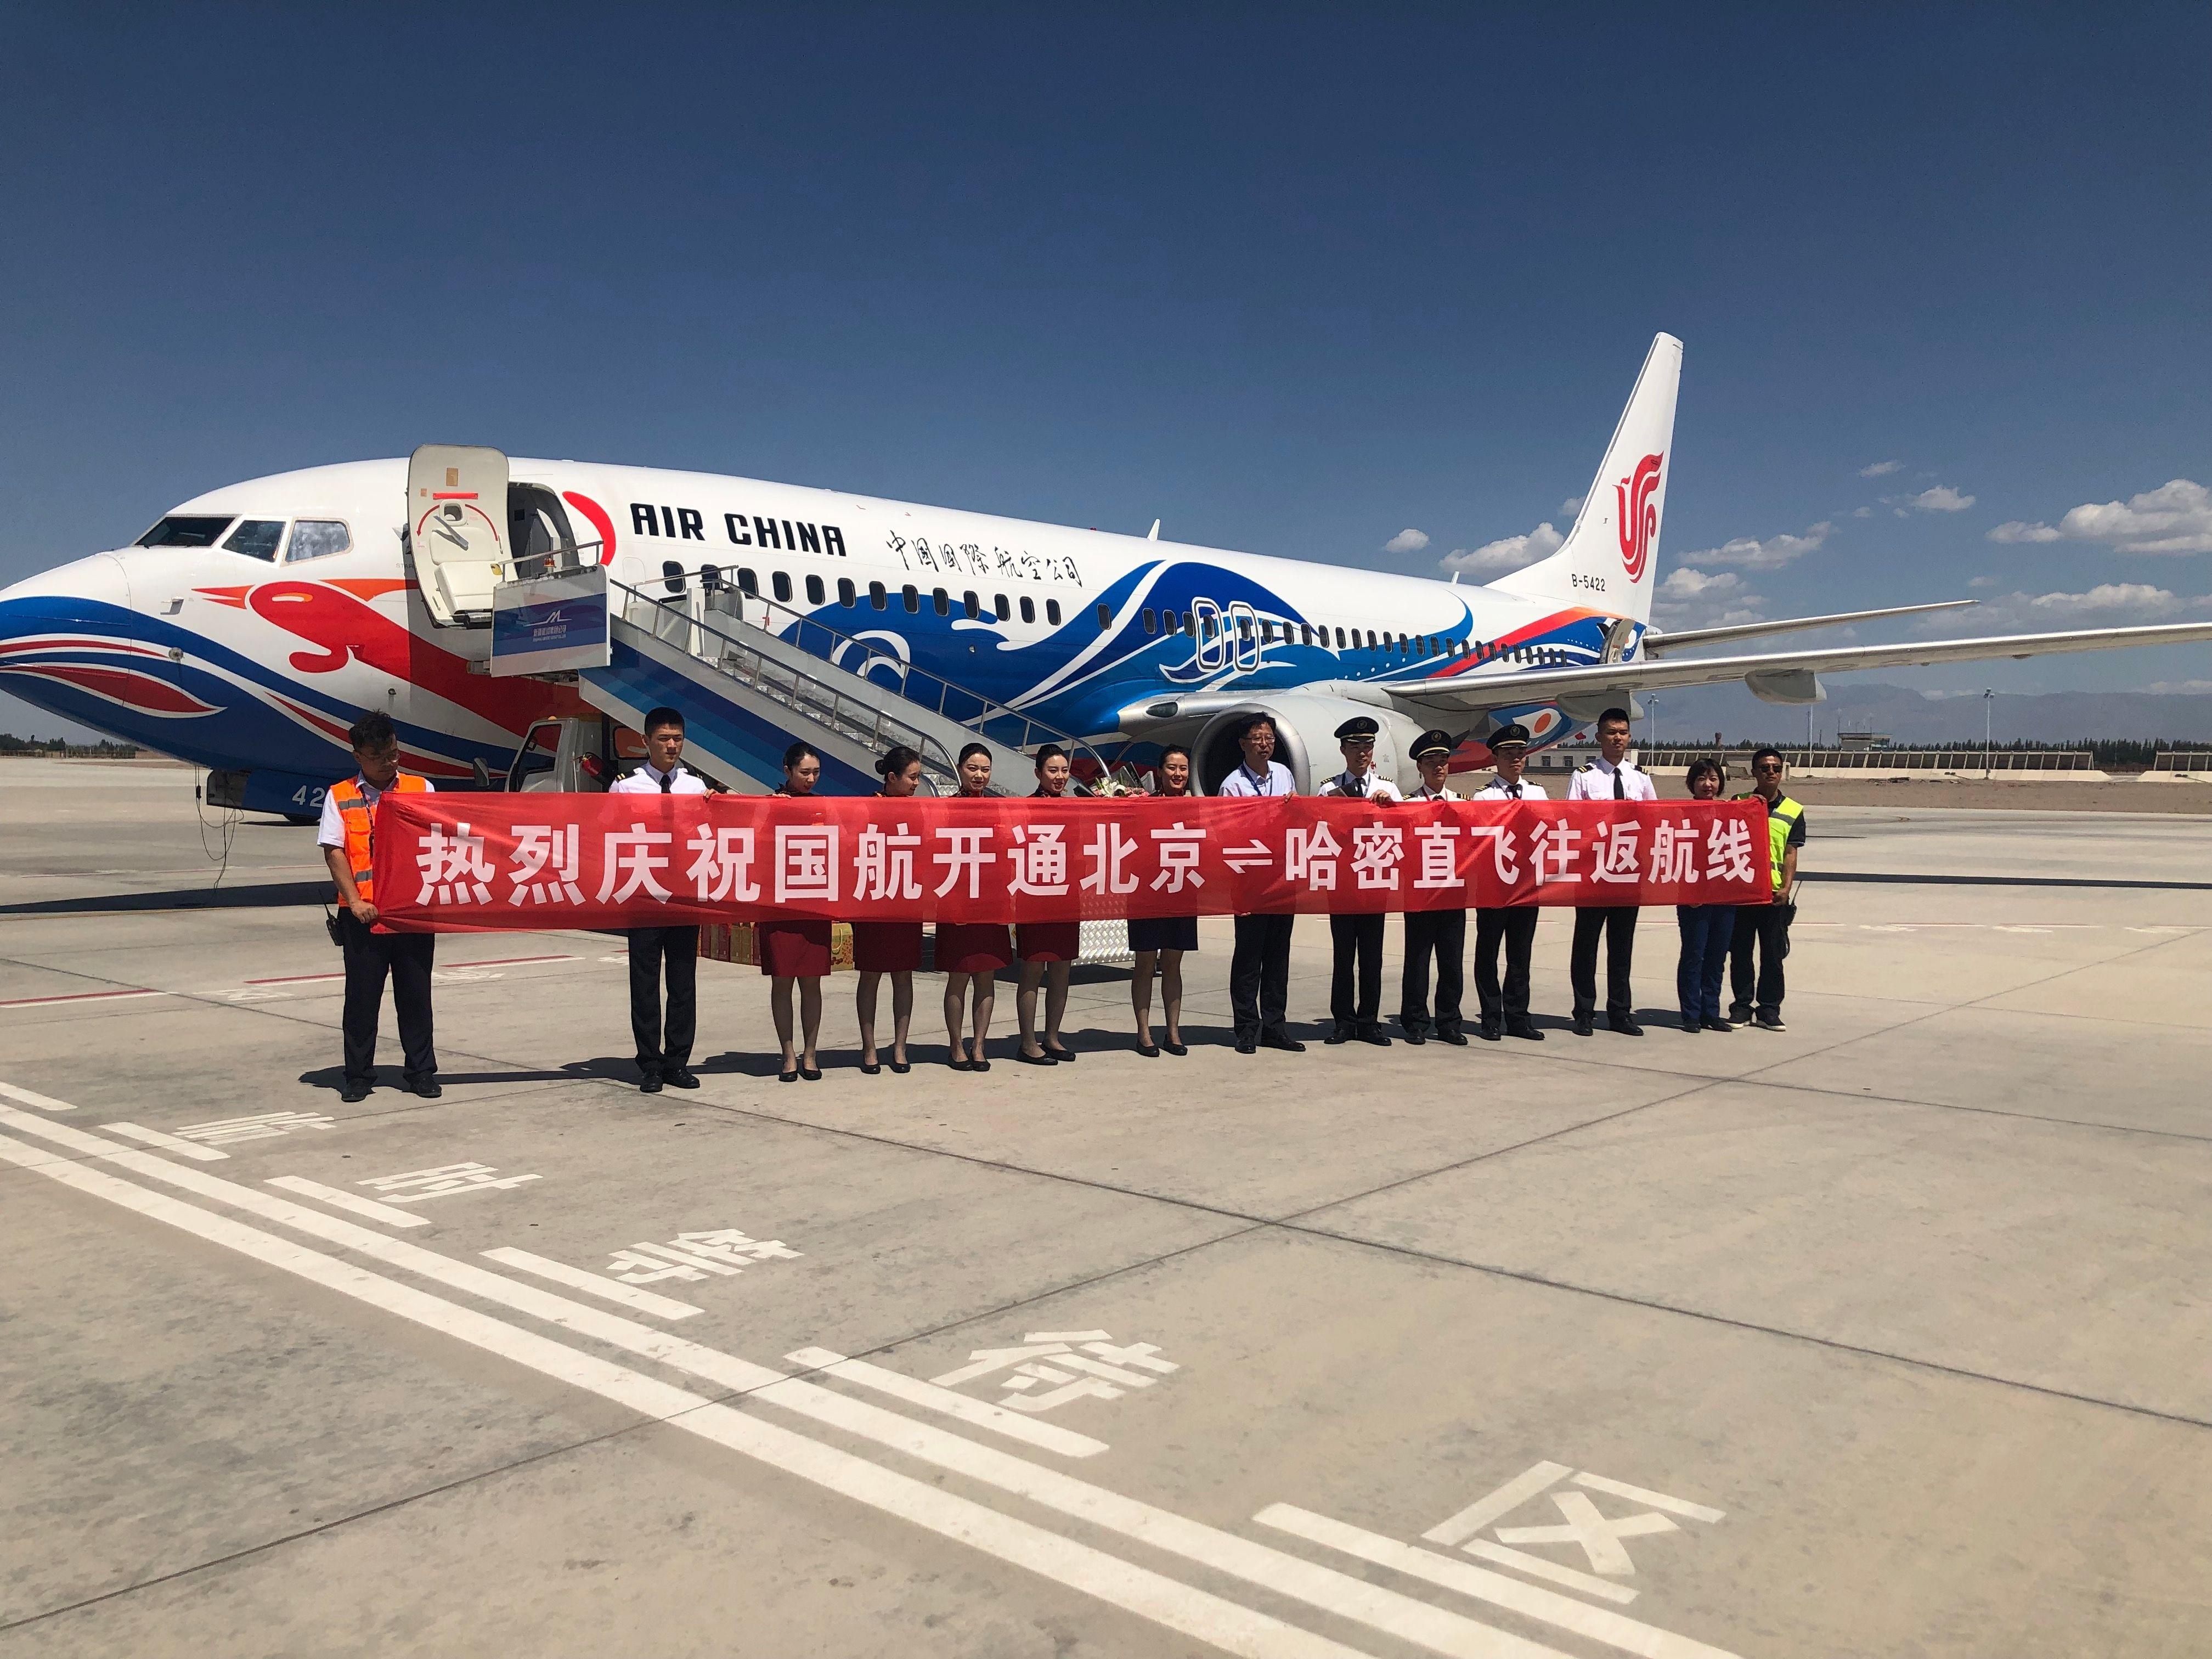 哈密機場開通哈密直飛北京往返航線